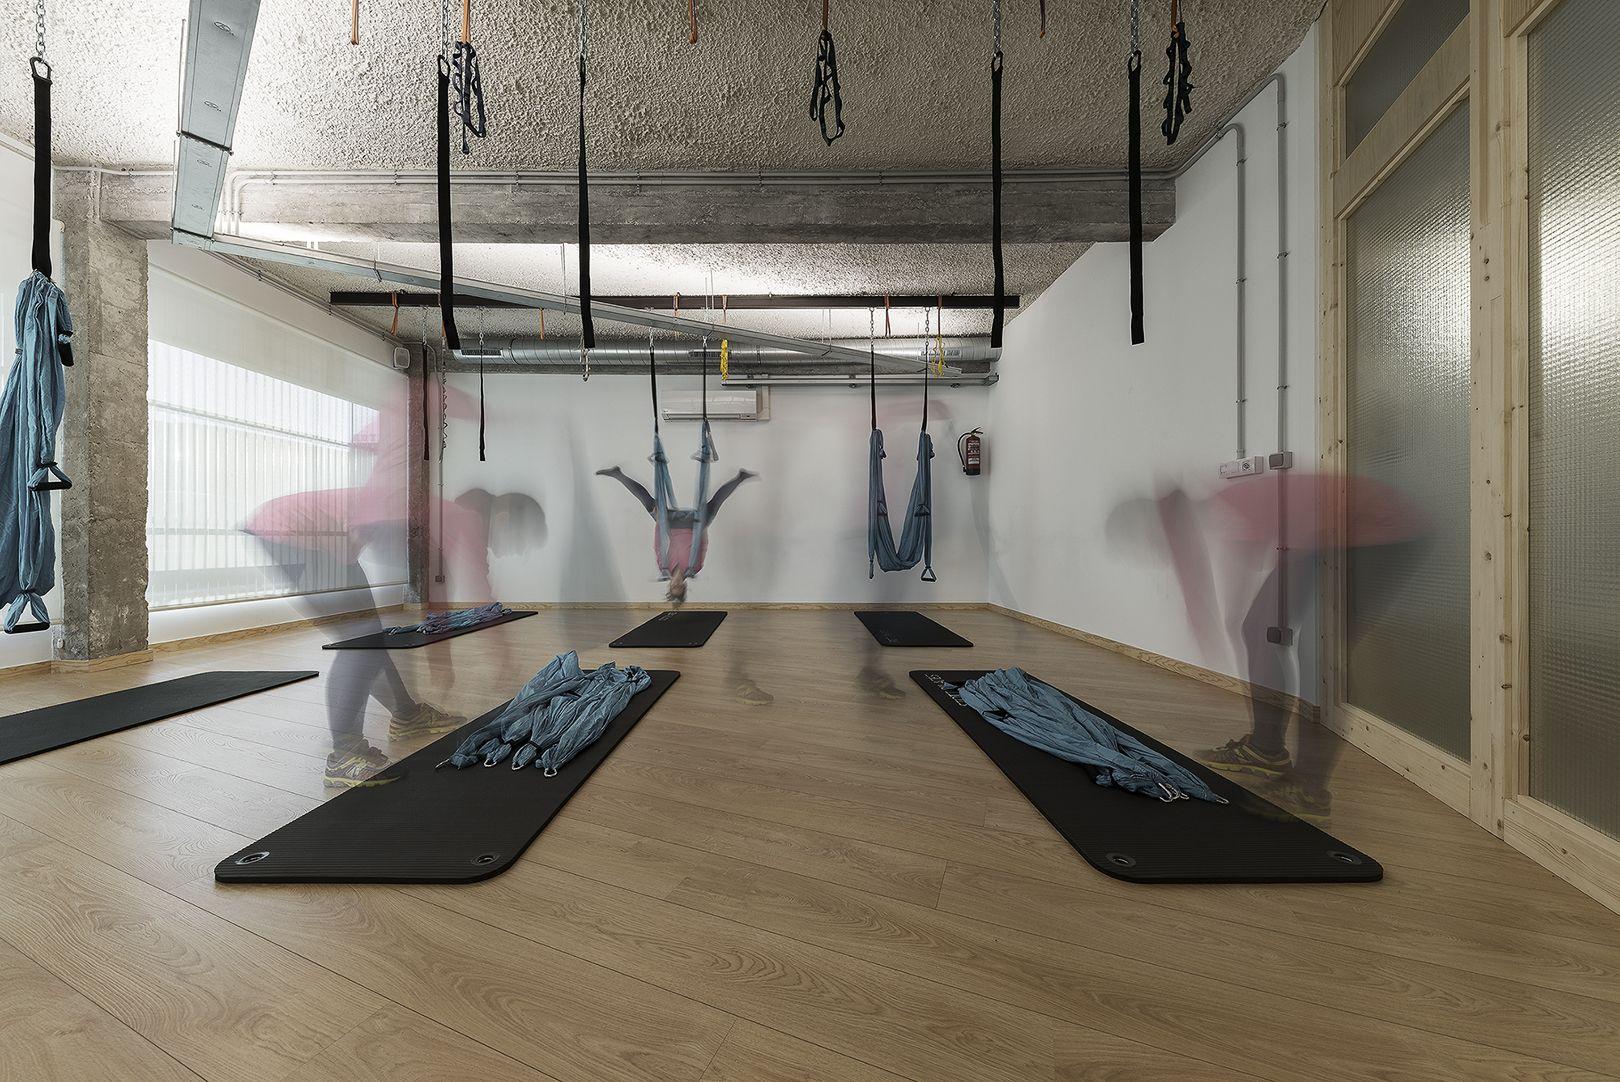 Sana Sana Pilates  Proyecto: Nan arquitectos  Fotografía: Iván Casal Nieto Fisioterapia, pilates, fisiotherapy, clinica, clinic, sport, comercial